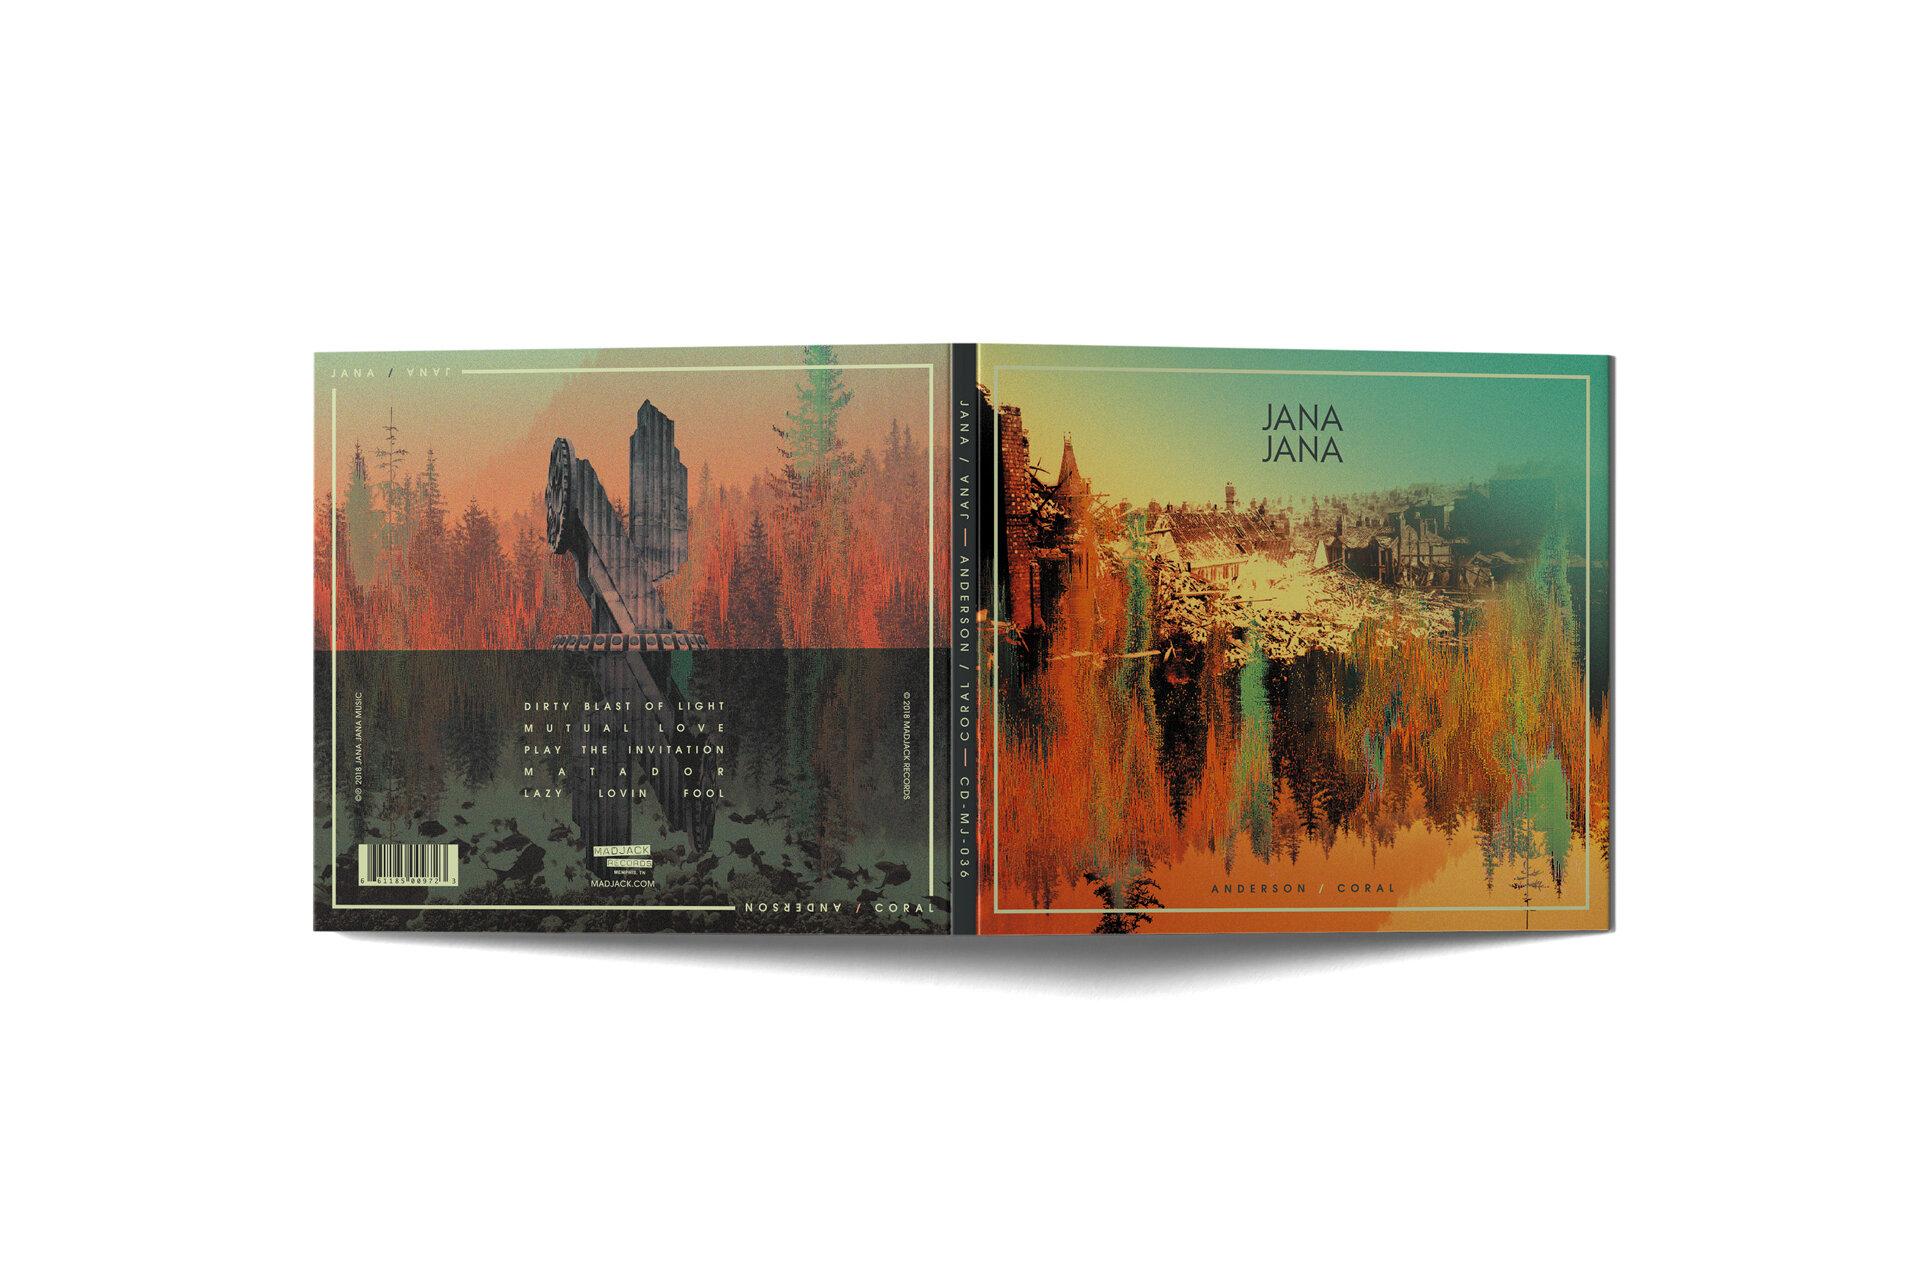 JANA-EP-Digipak-Mockup-Exterior.jpg